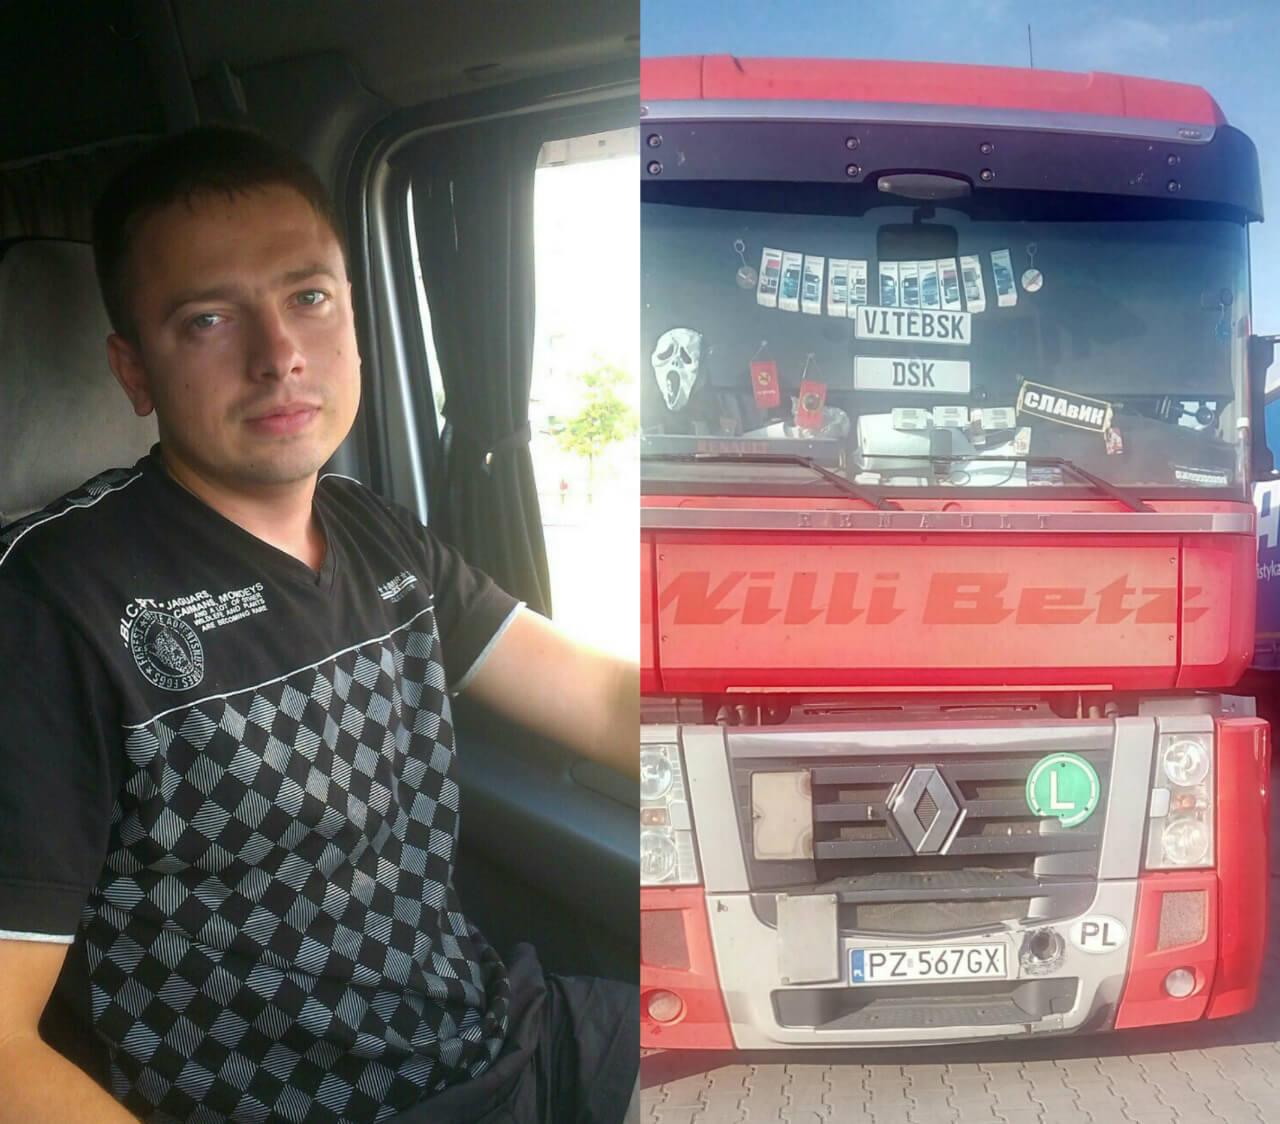 Дальнобойщик Святослав Турок в кабине грузового автомобиля Рено